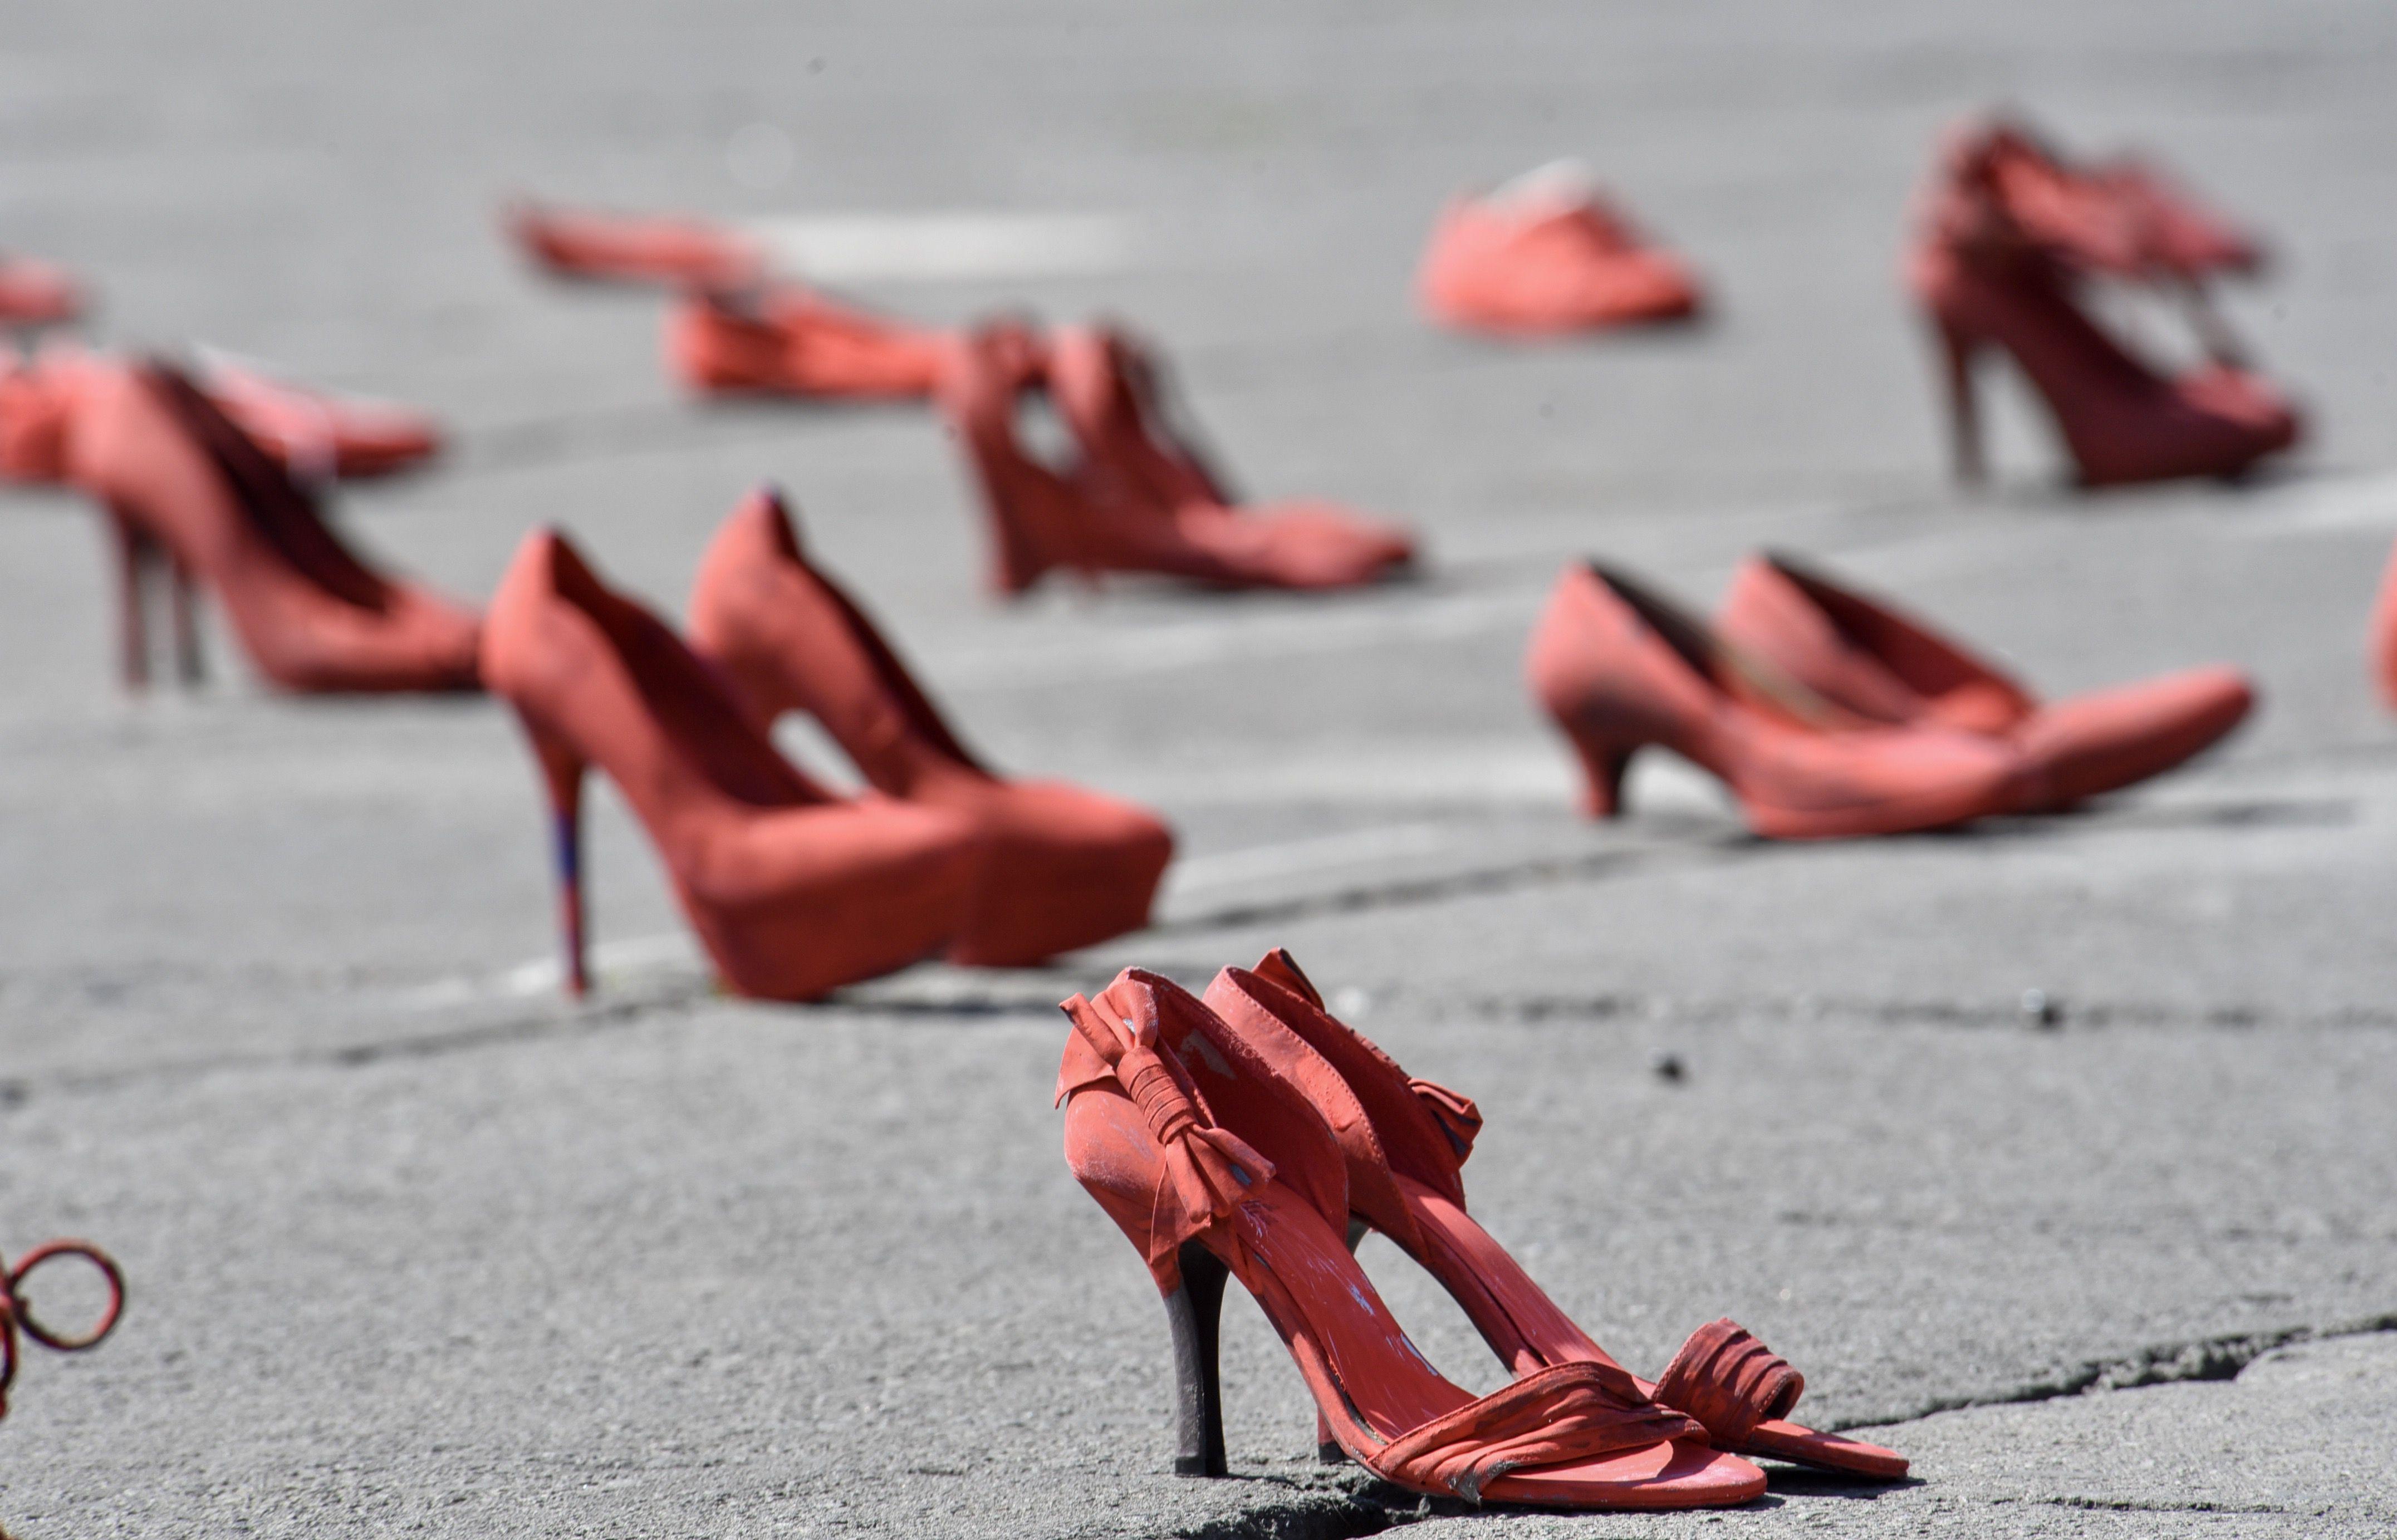 La violencia contra la mujer es constante en el país. (Foto: Cuartoscuro)